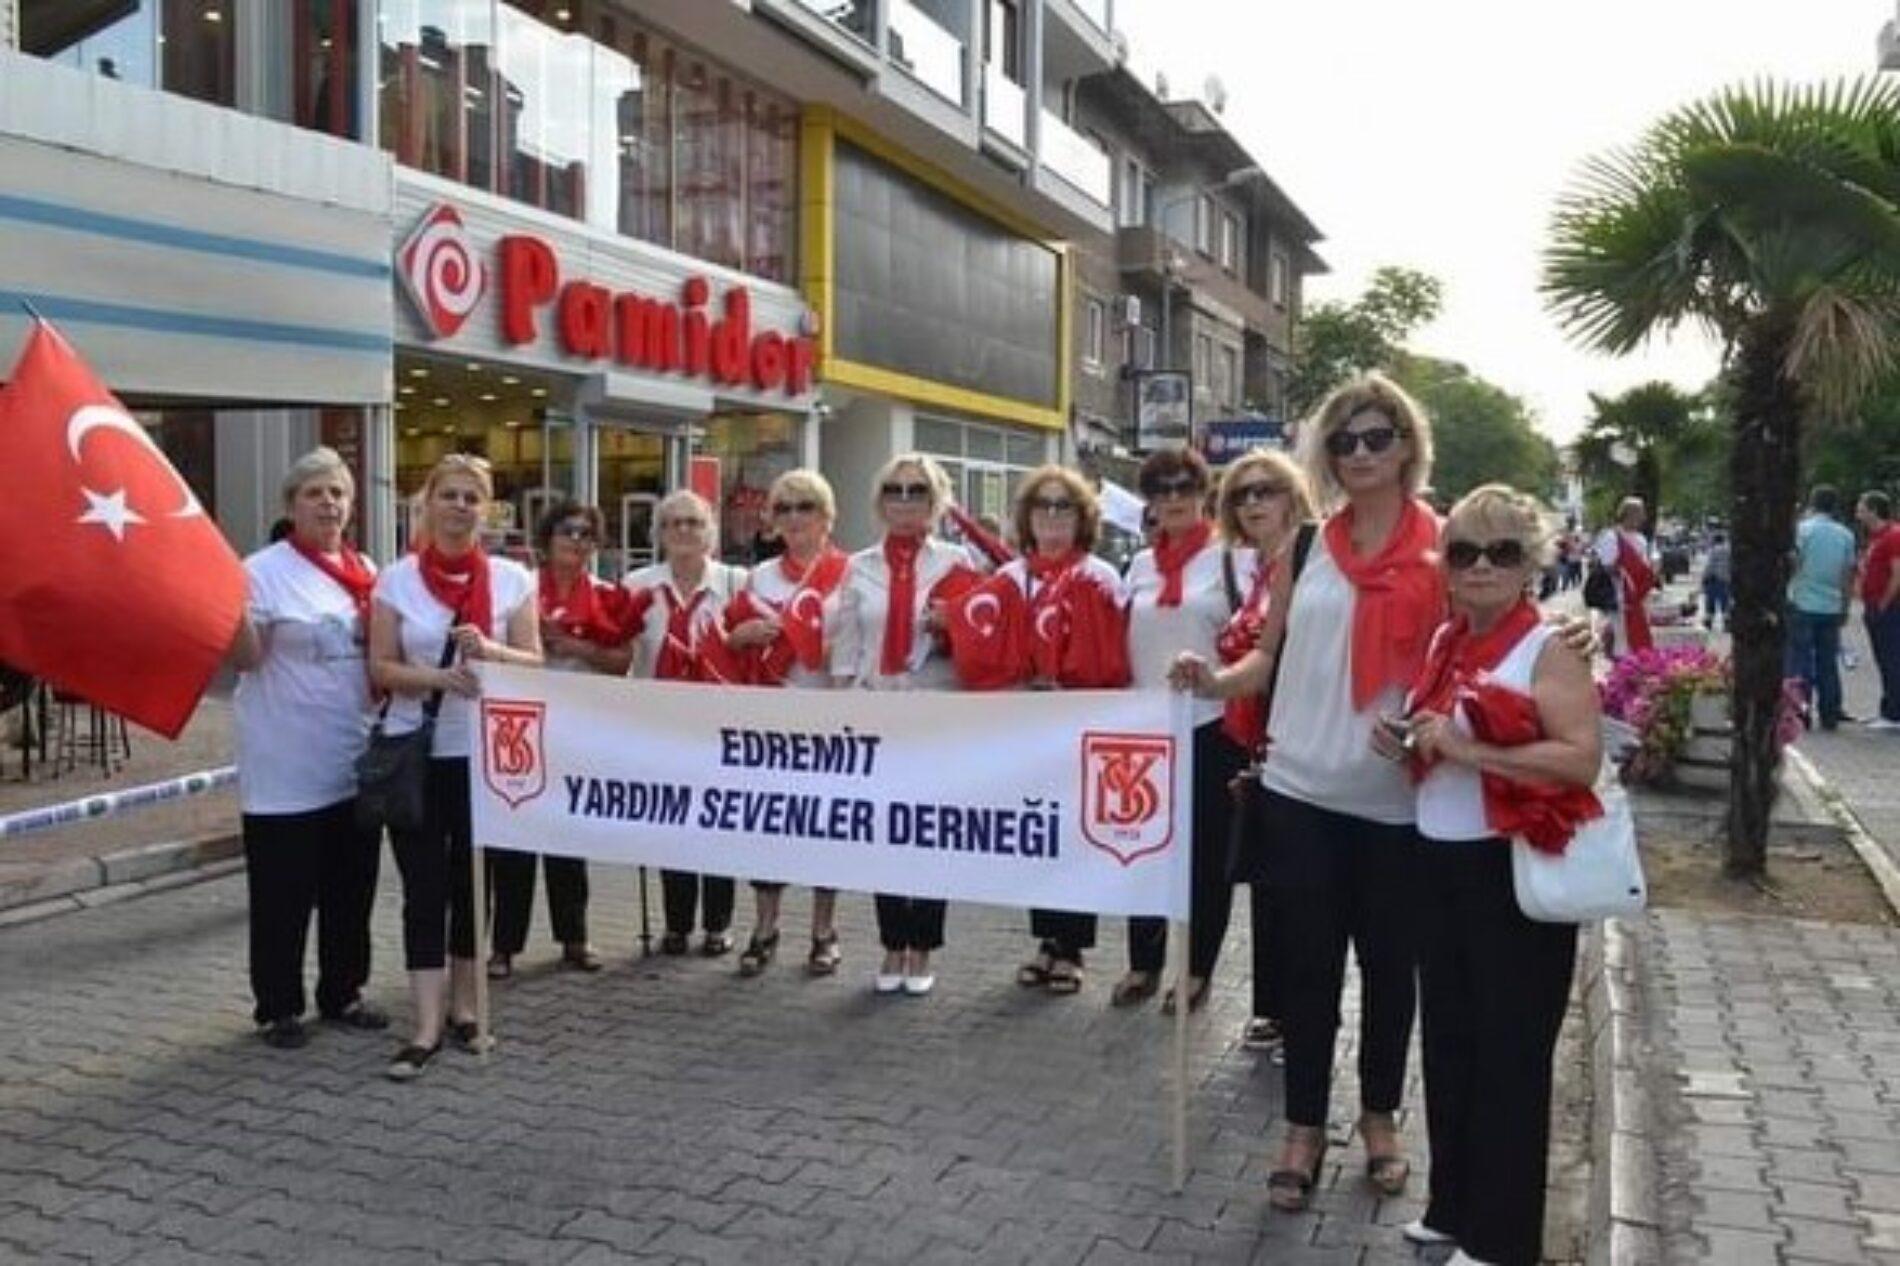 TYSD Edremit Şubemizin İzmir'in Düşman İşgalinden Kurtuluş Yıldönümü Kutlama Mesajı